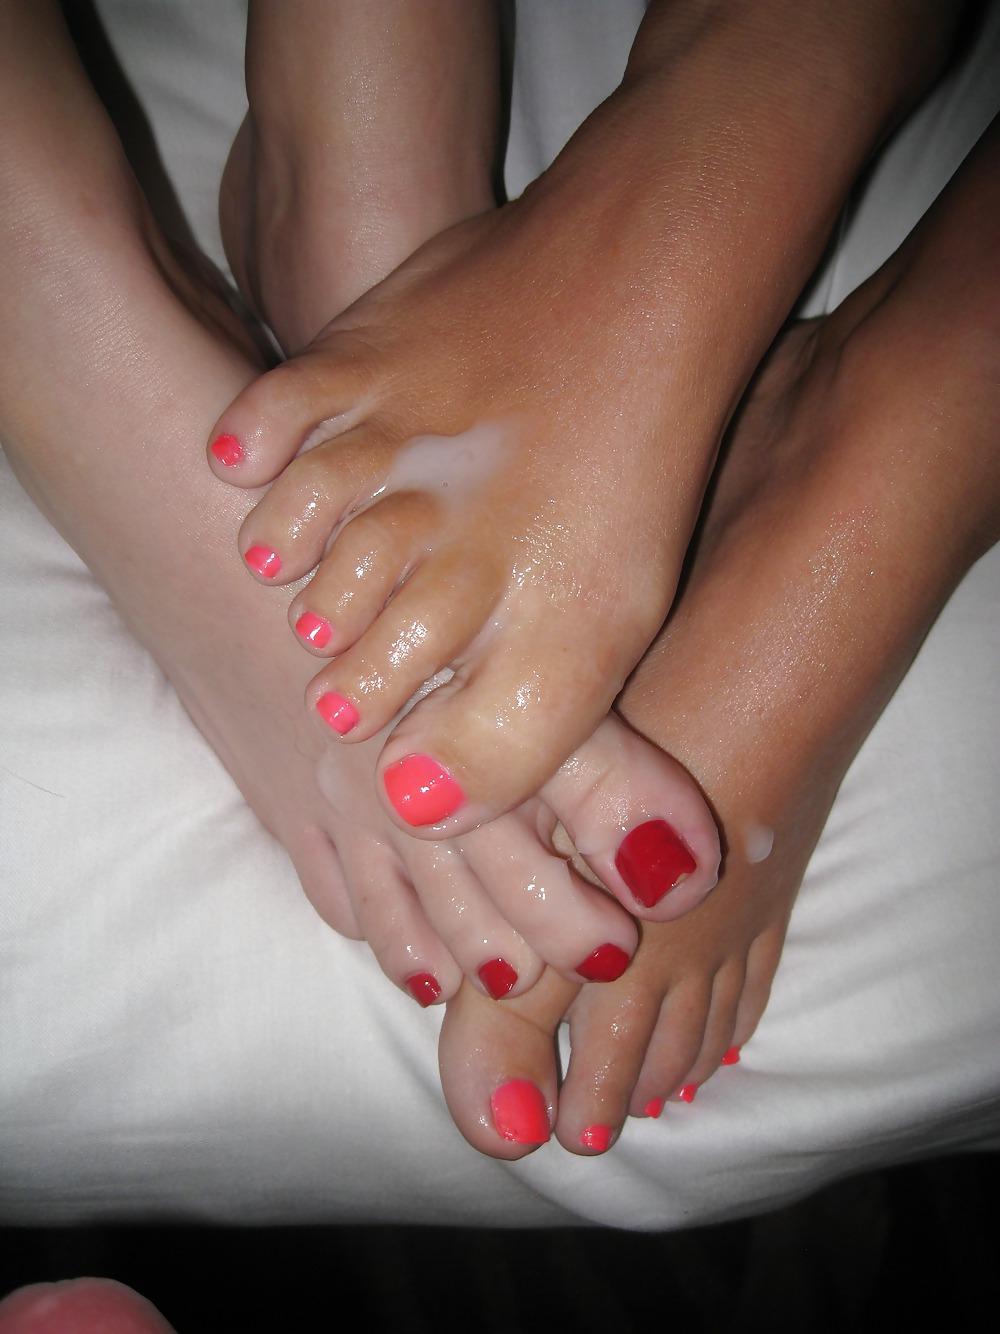 Claudia black naked pics